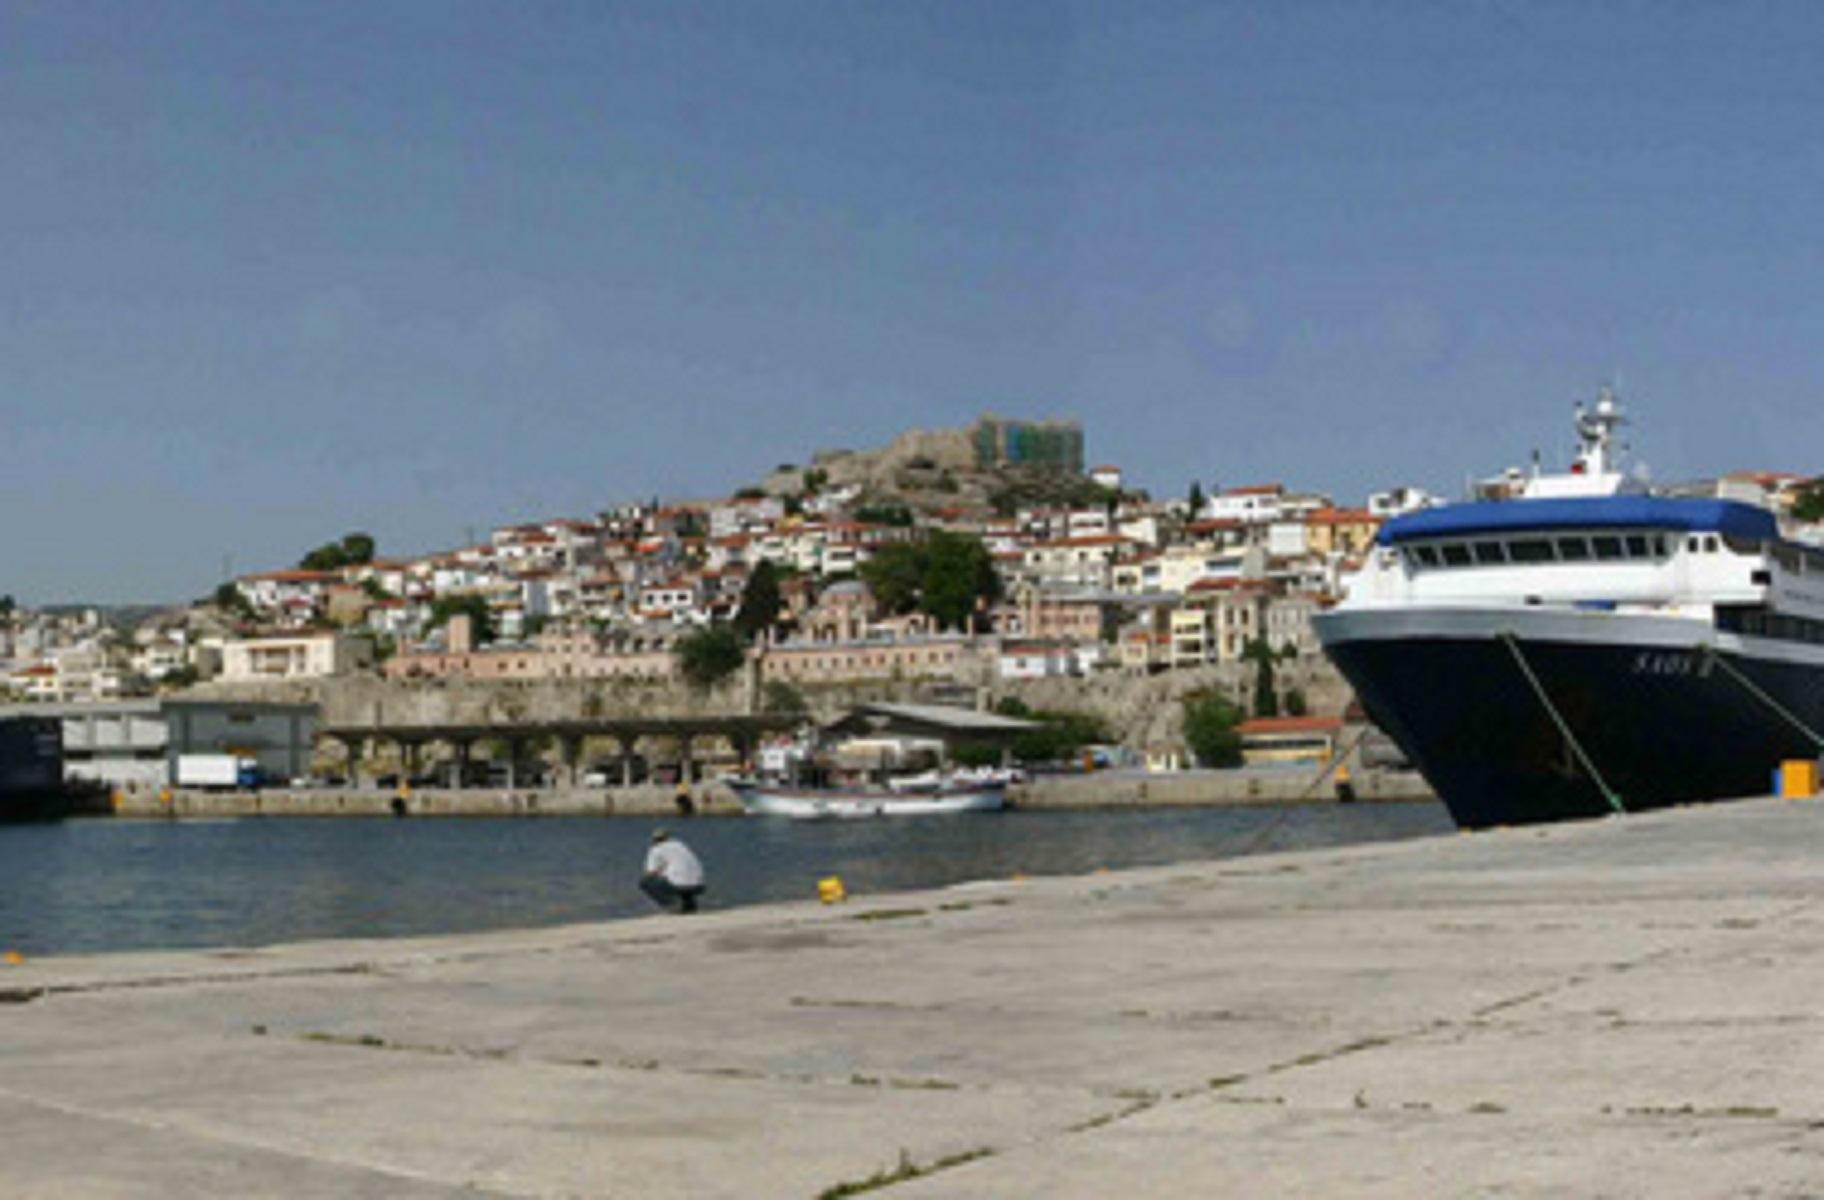 Ολοκληρώνει τα δρομολόγιά του το Σαββατοκύριακο στη Σαμοθράκη το «Andros Jet»